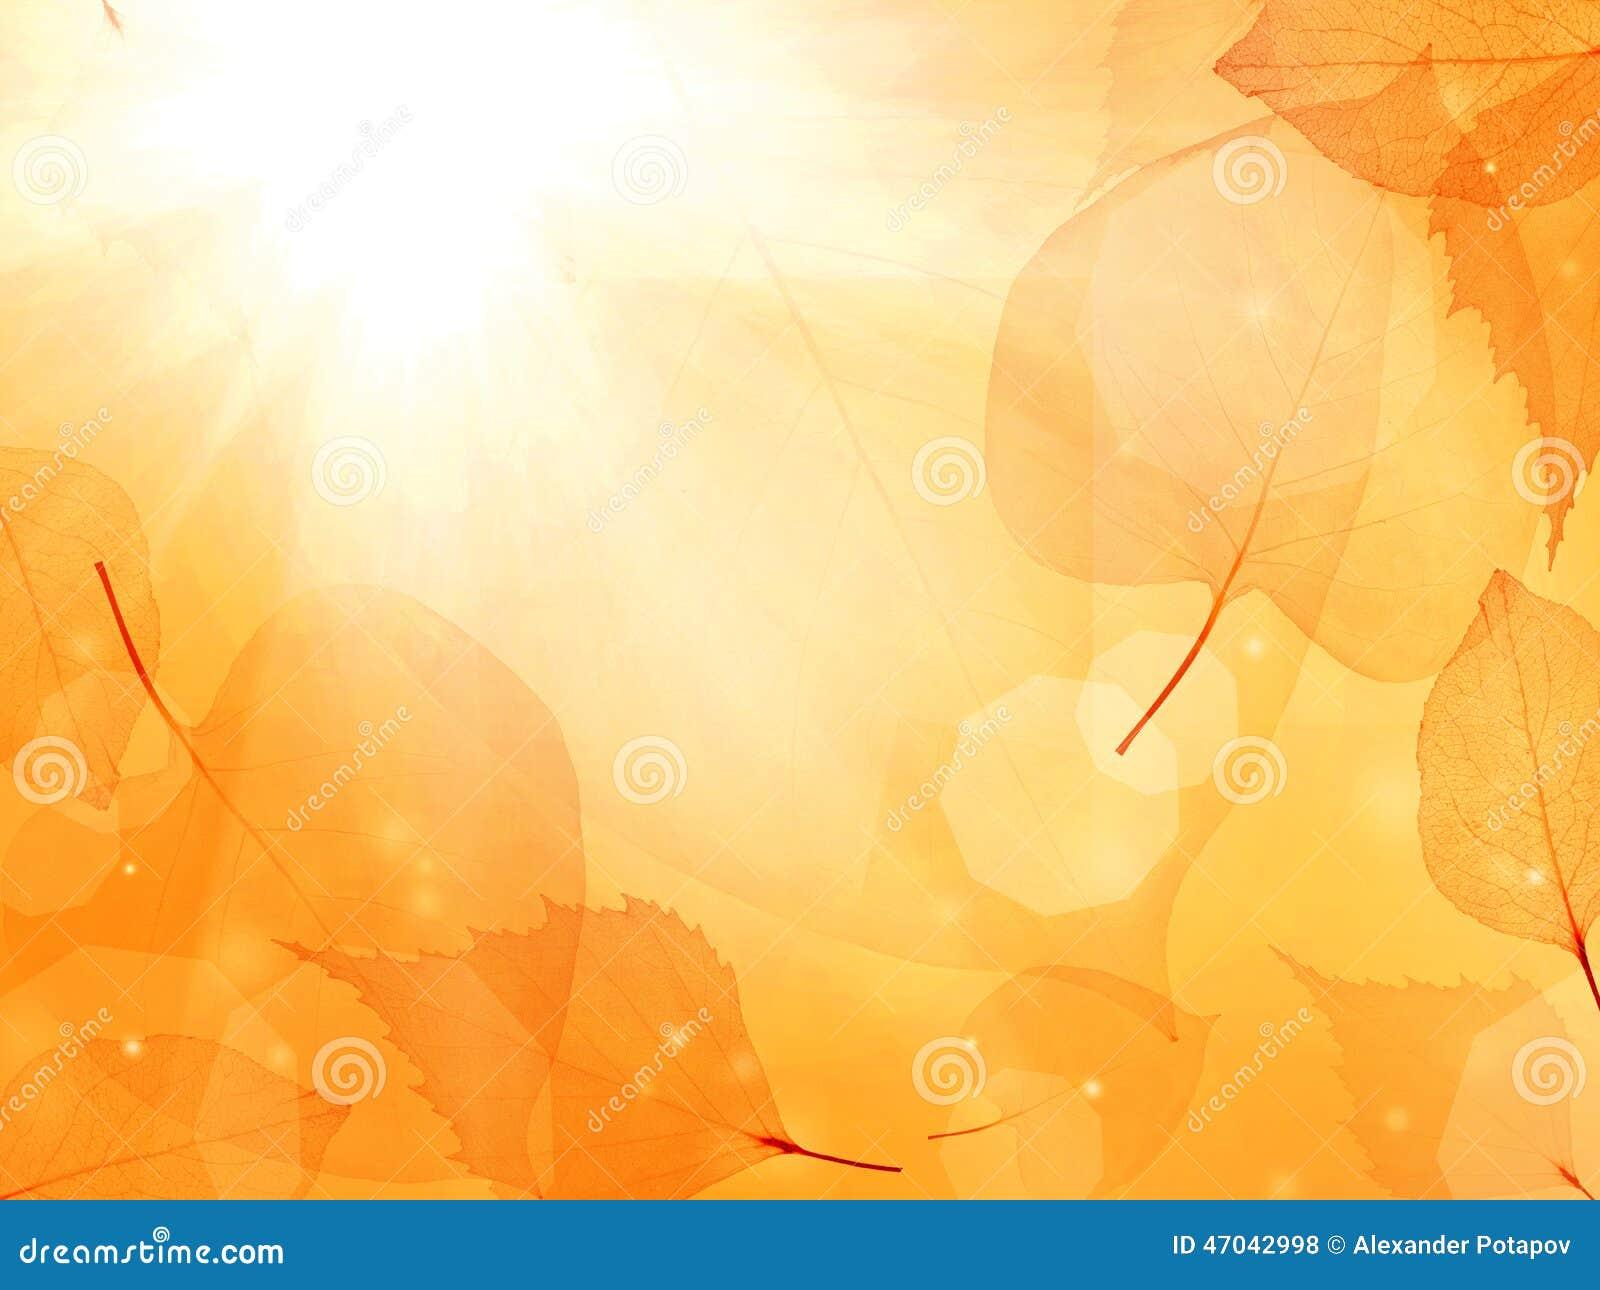 Mörker - orange bakgrund från tunna sidor